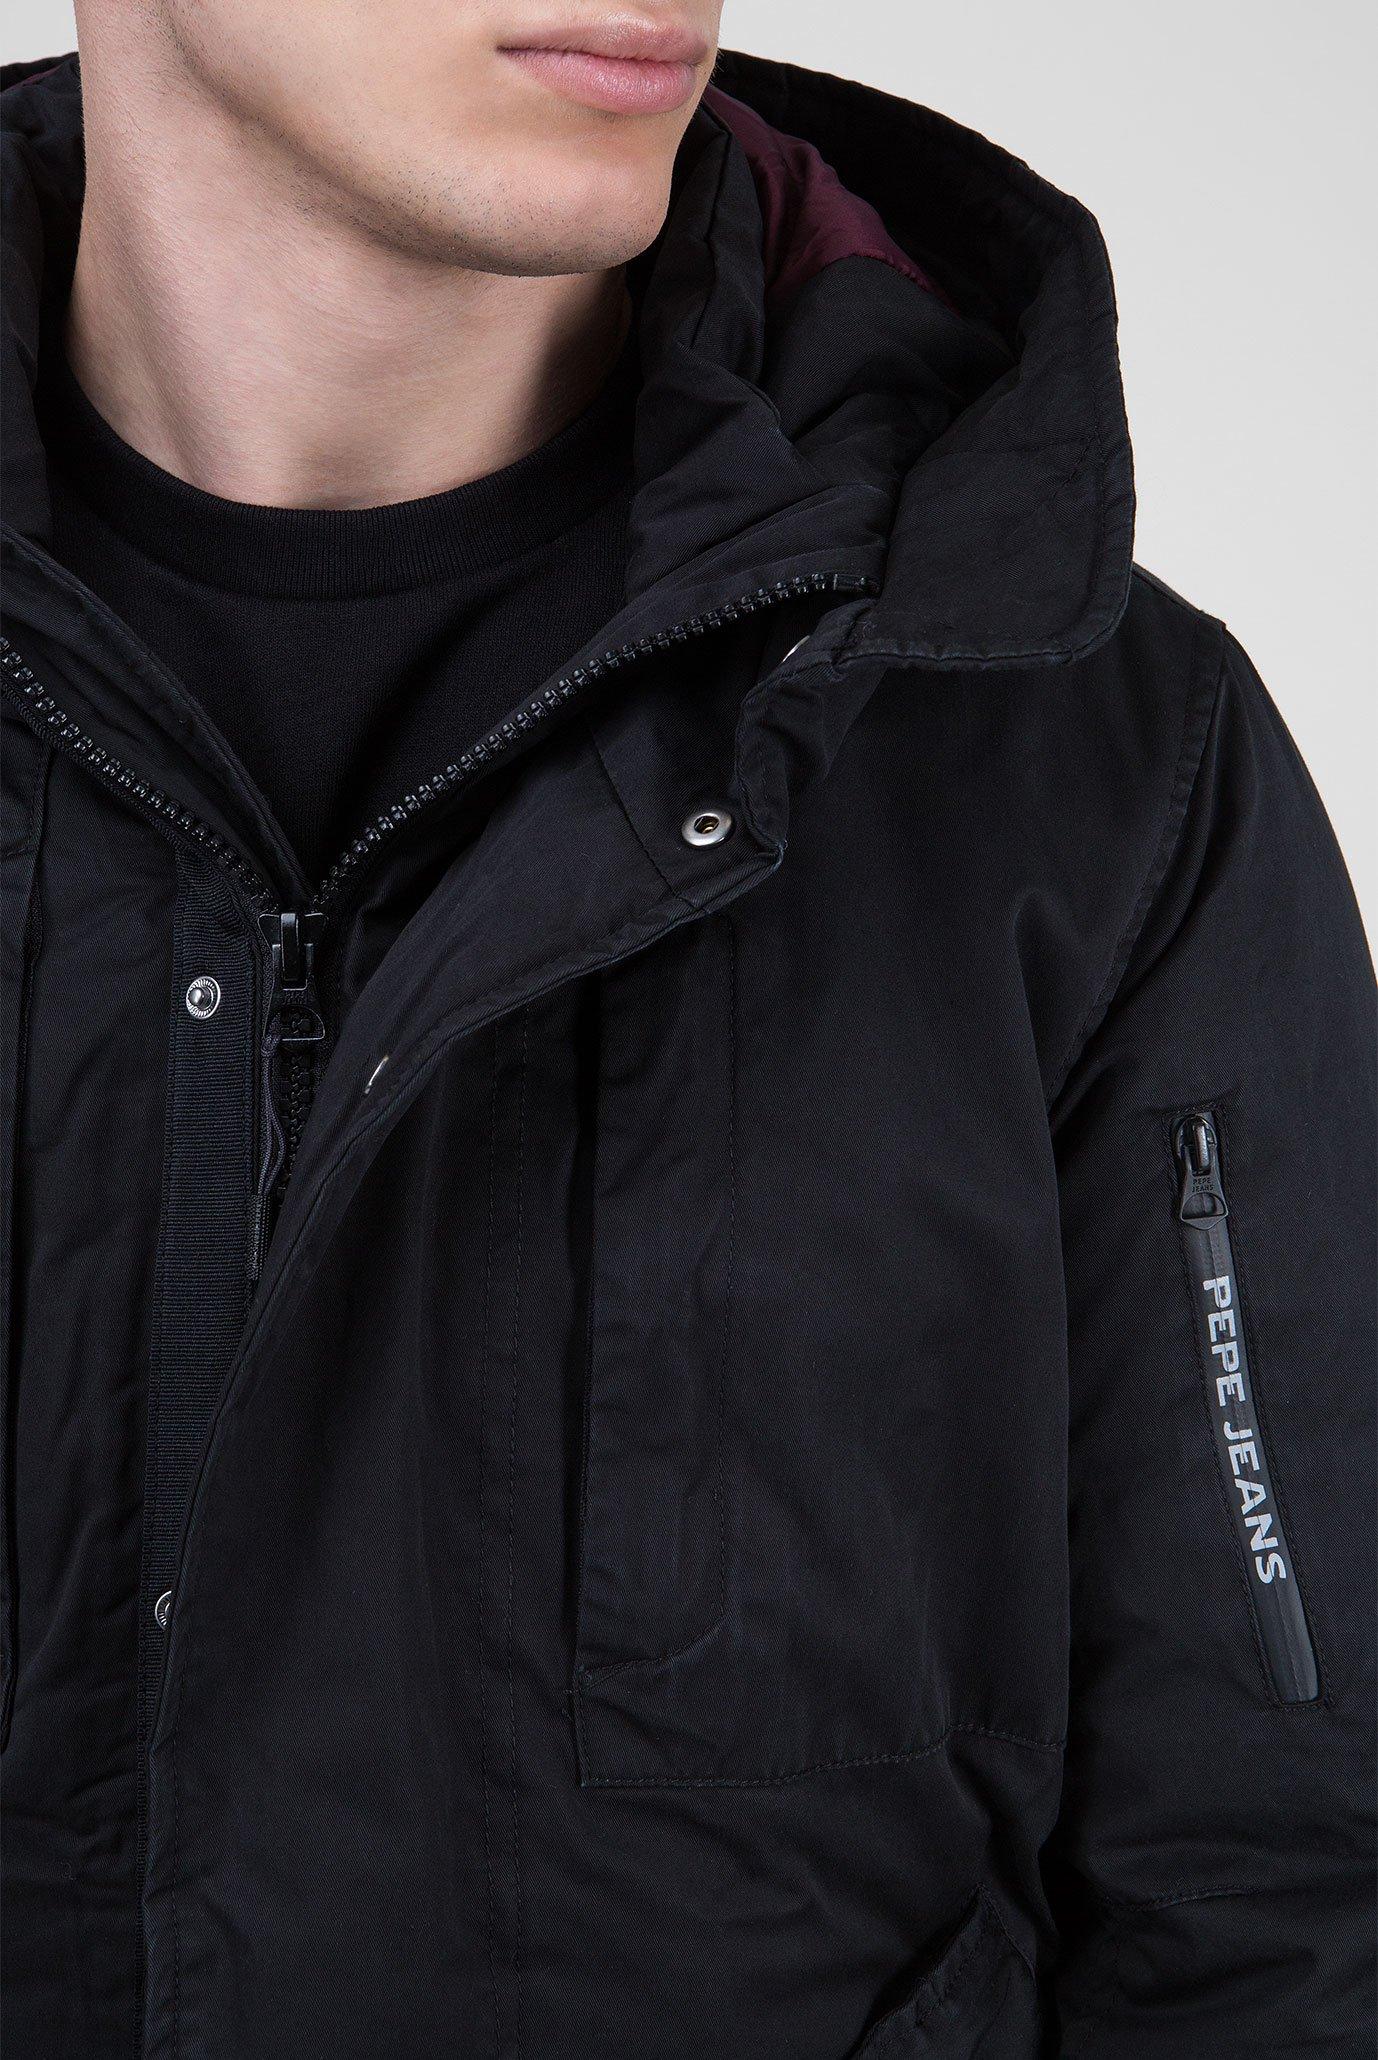 Купить Мужская черная куртка FULHAM Pepe Jeans Pepe Jeans PM401898 – Киев, Украина. Цены в интернет магазине MD Fashion